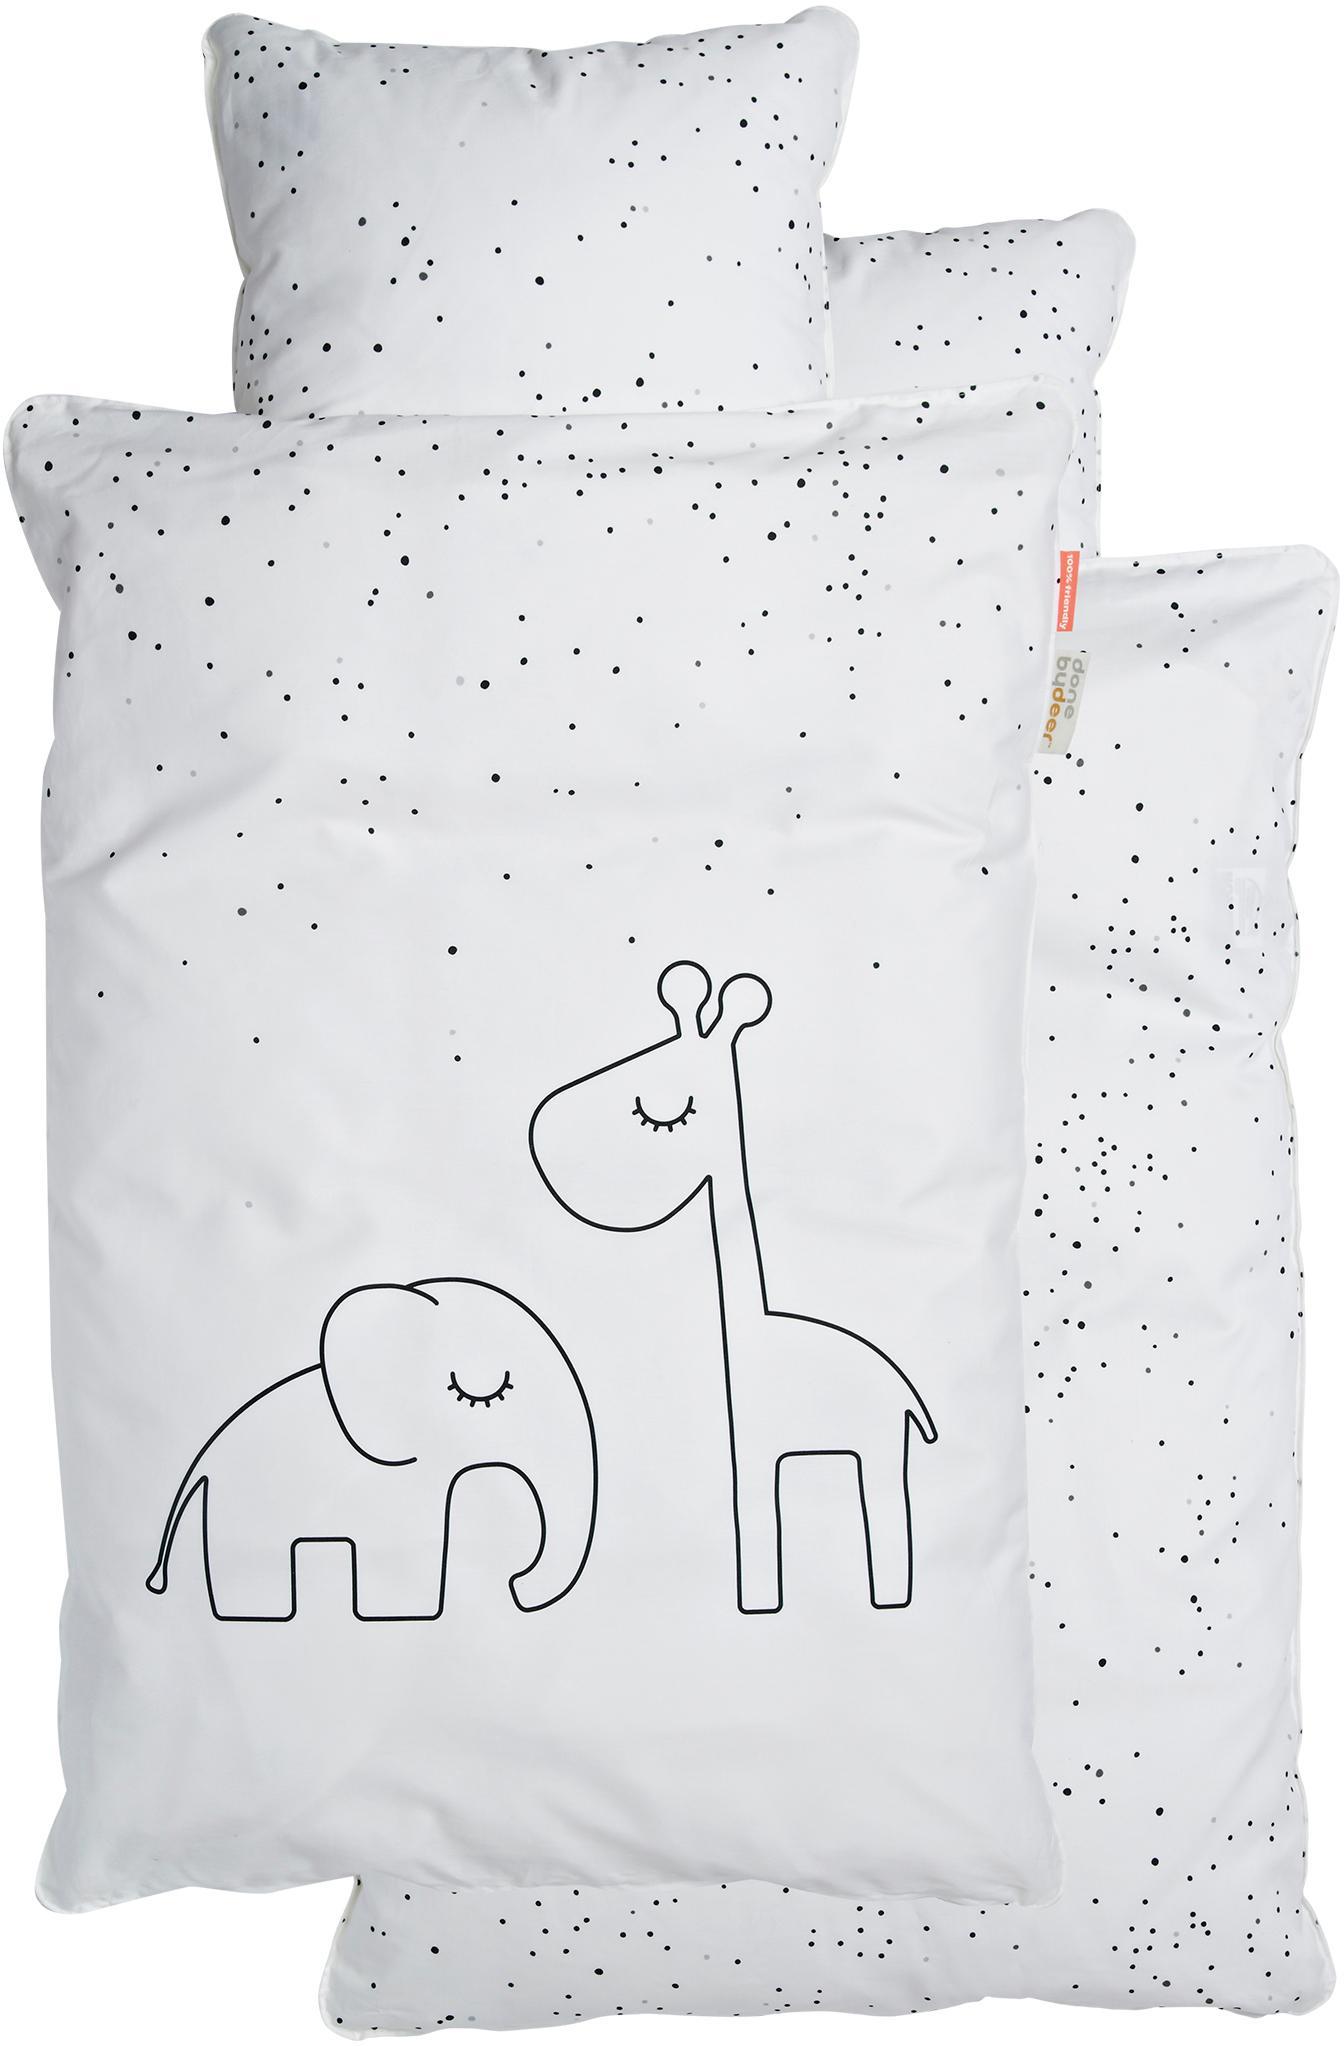 Pościel Dreamy Dots, 100% bawełna, certyfikat Oeko-Tex, Szary, 100 x 140 cm + 1 poduszka 40 x 60 cm